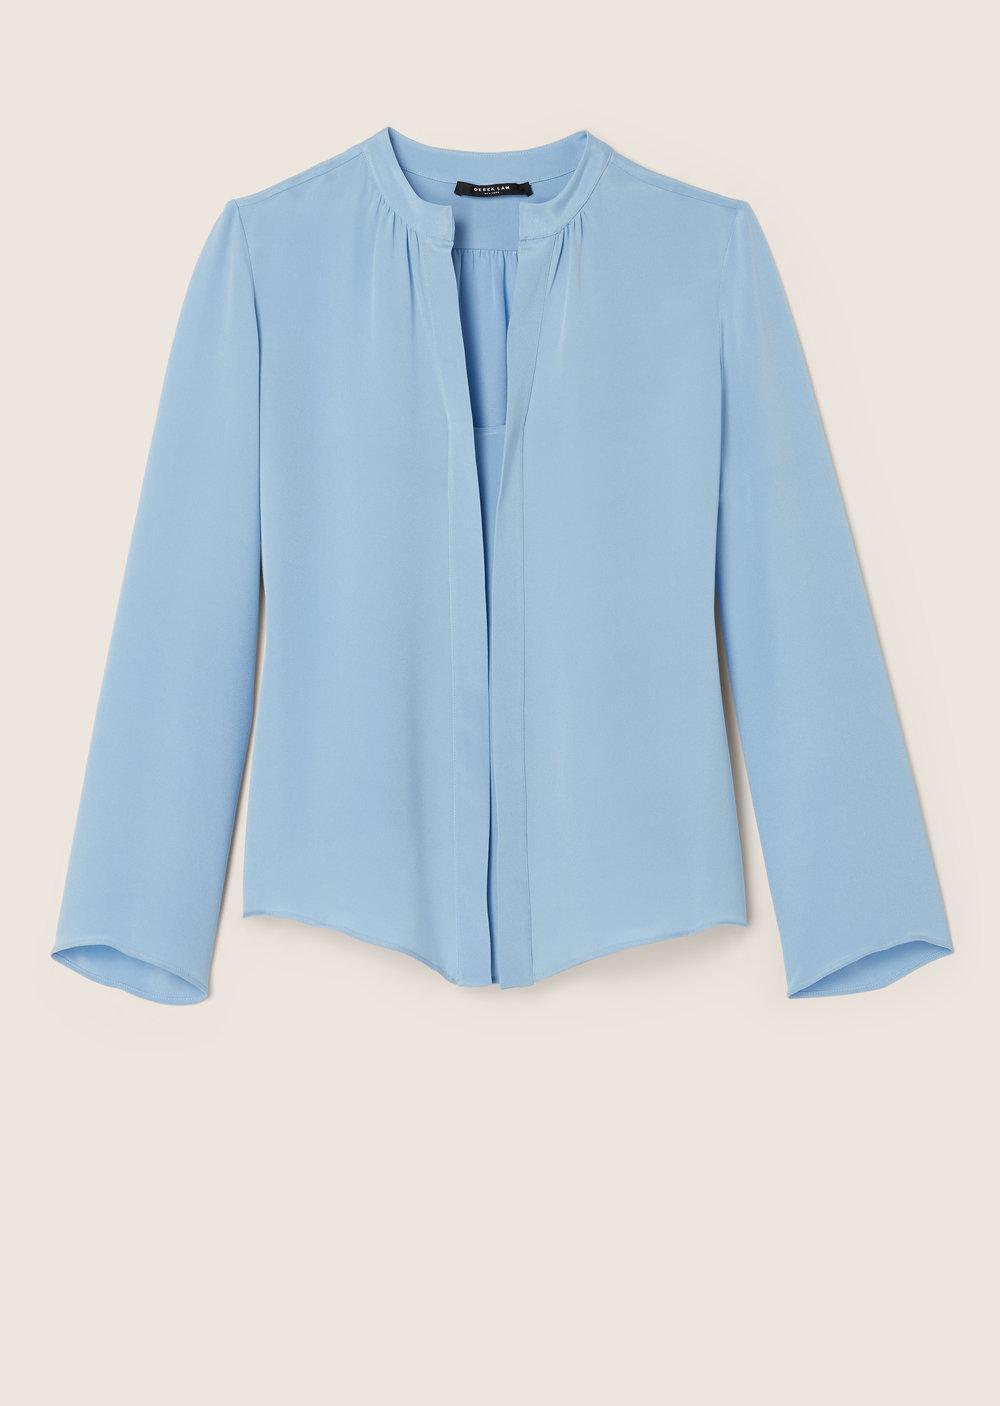 Derek Lam Kara Long Sleeve Blouse In Blue